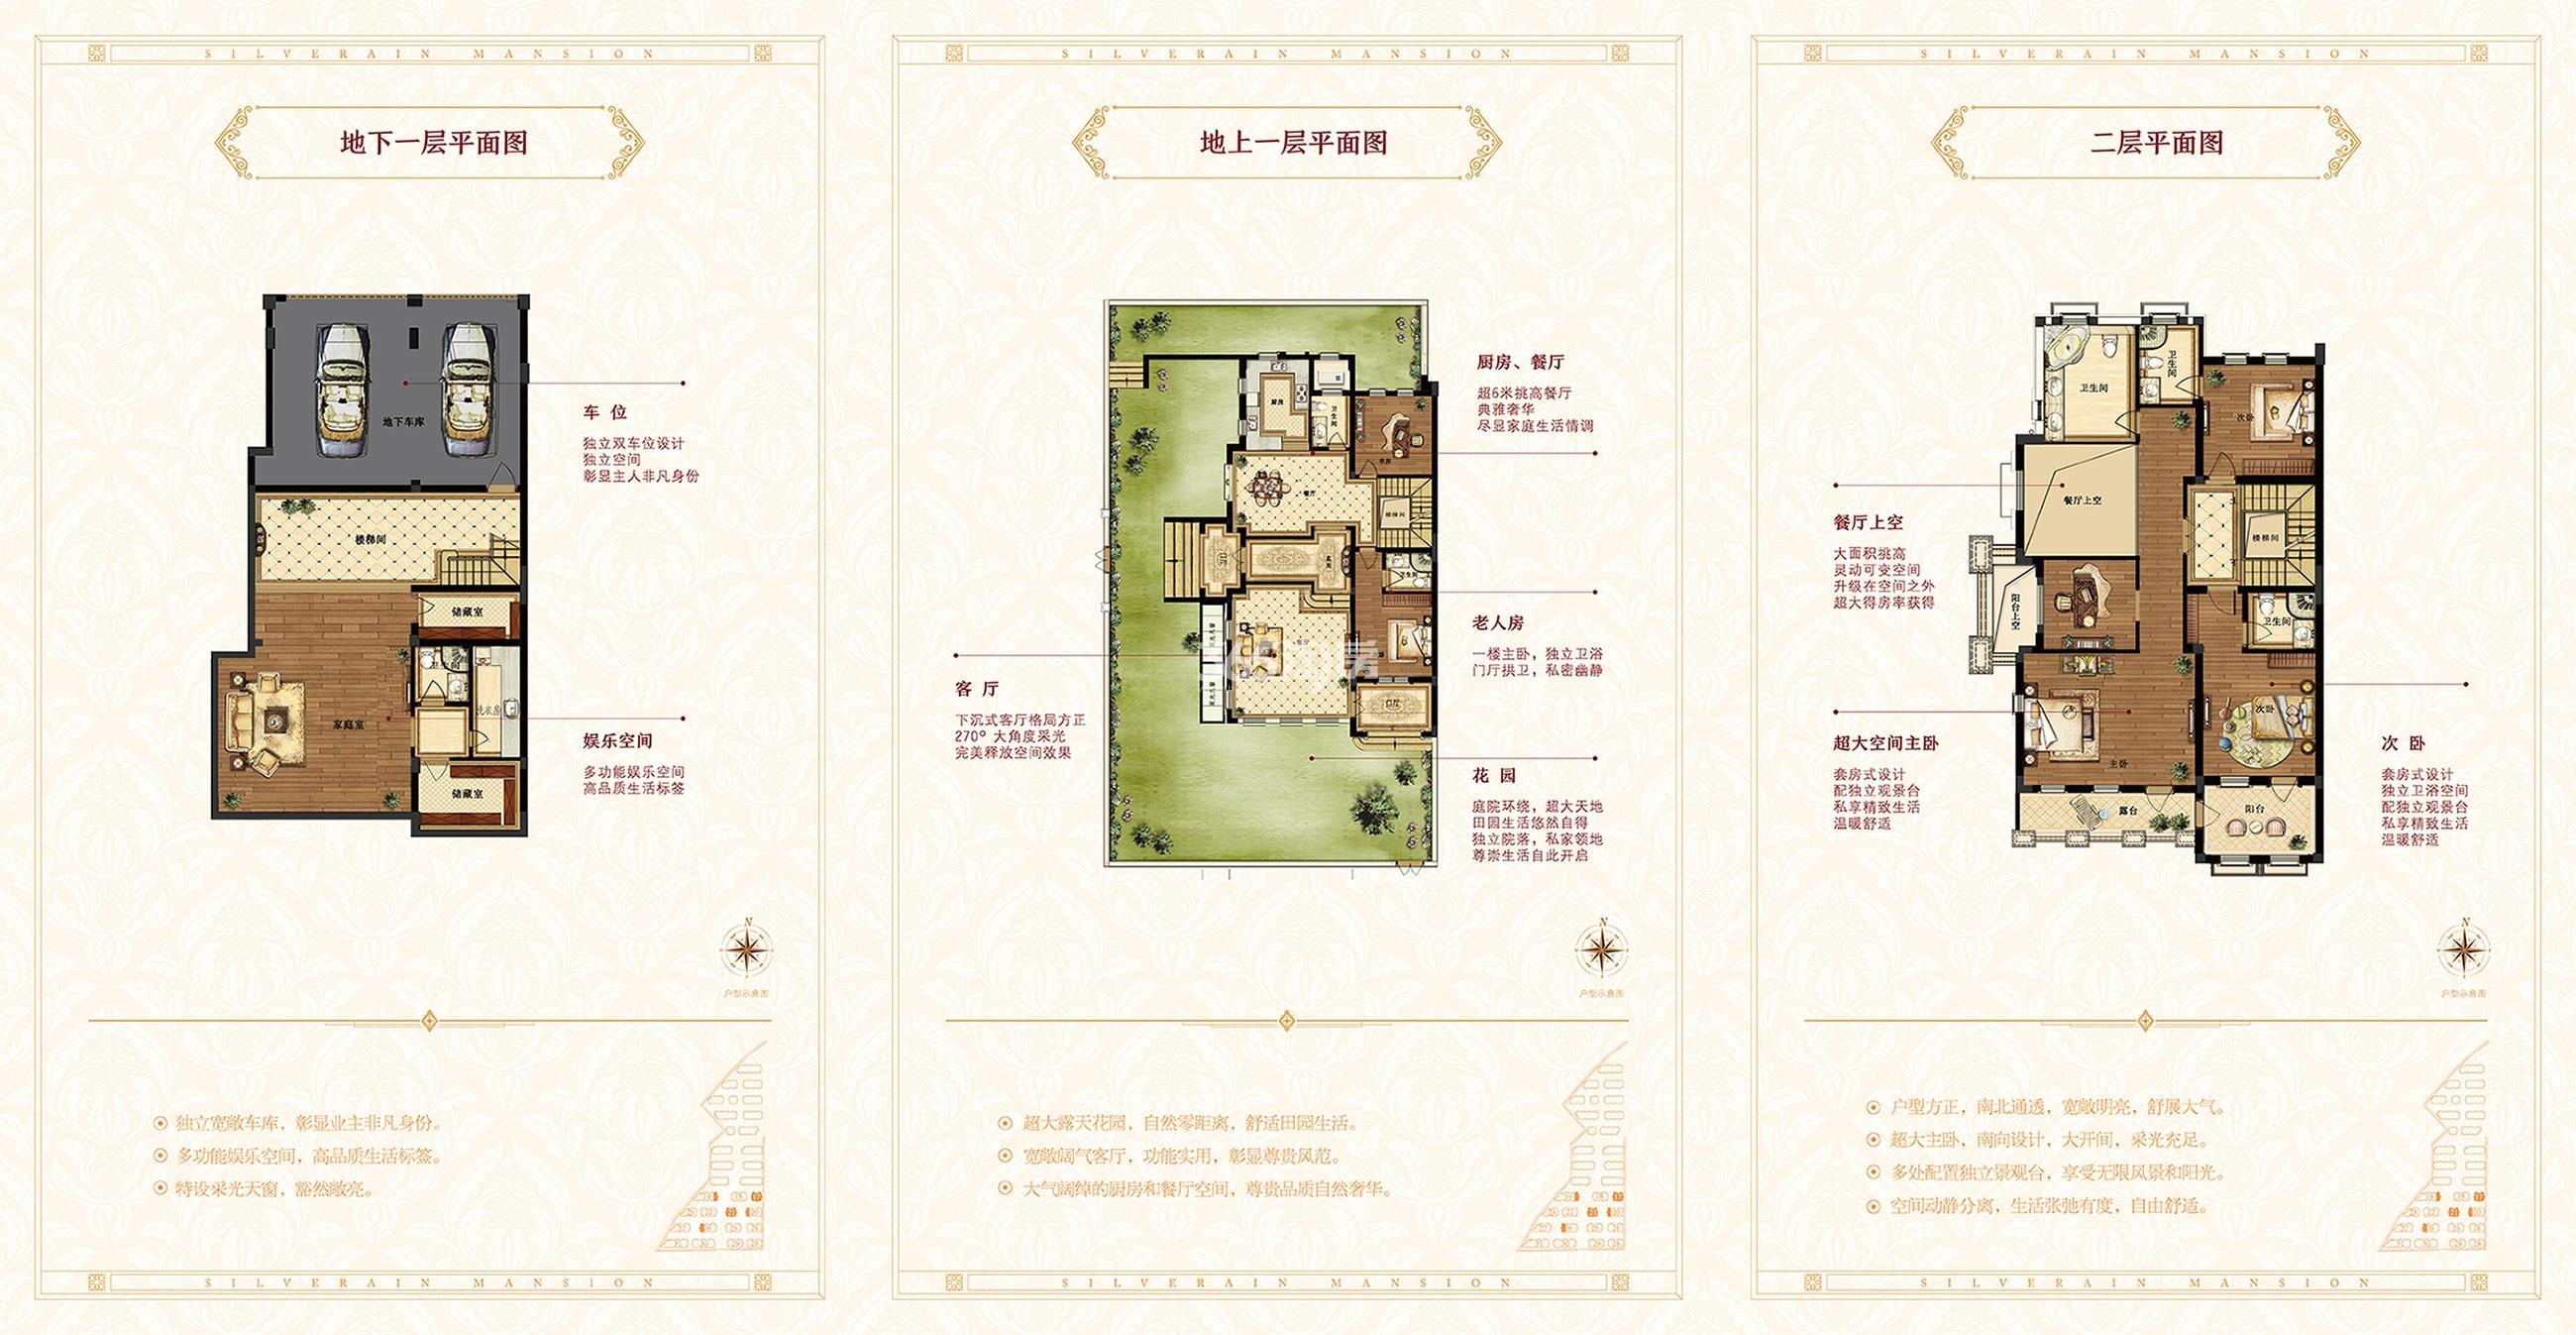 雨润星雨华府排屋410㎡户型图(P17、P21,P19东边套,P20、26西边套)